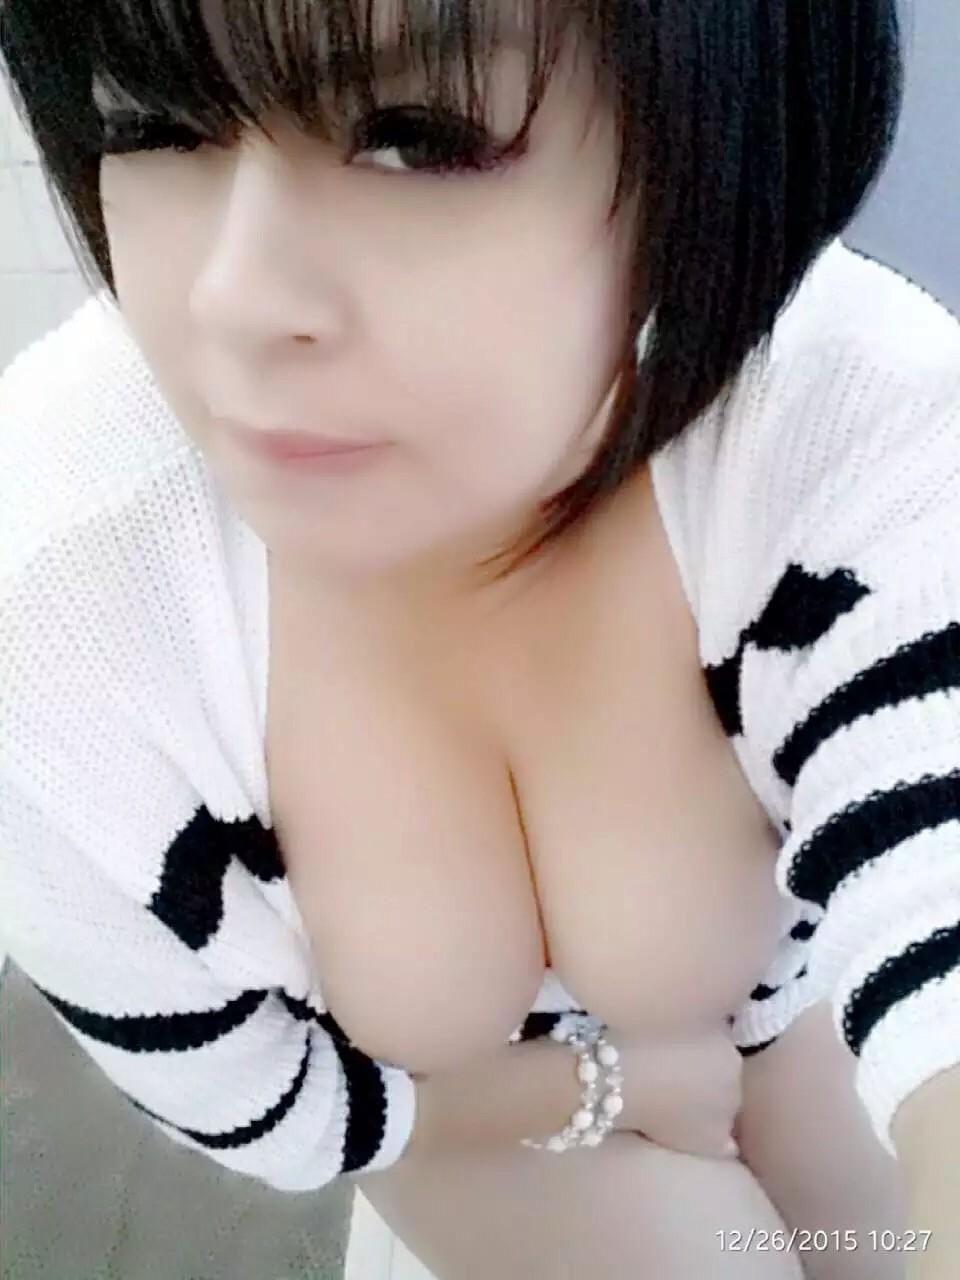 Девушка с эффектным бюстом поражает всех и против ее бурного темперамента невозможно устоять